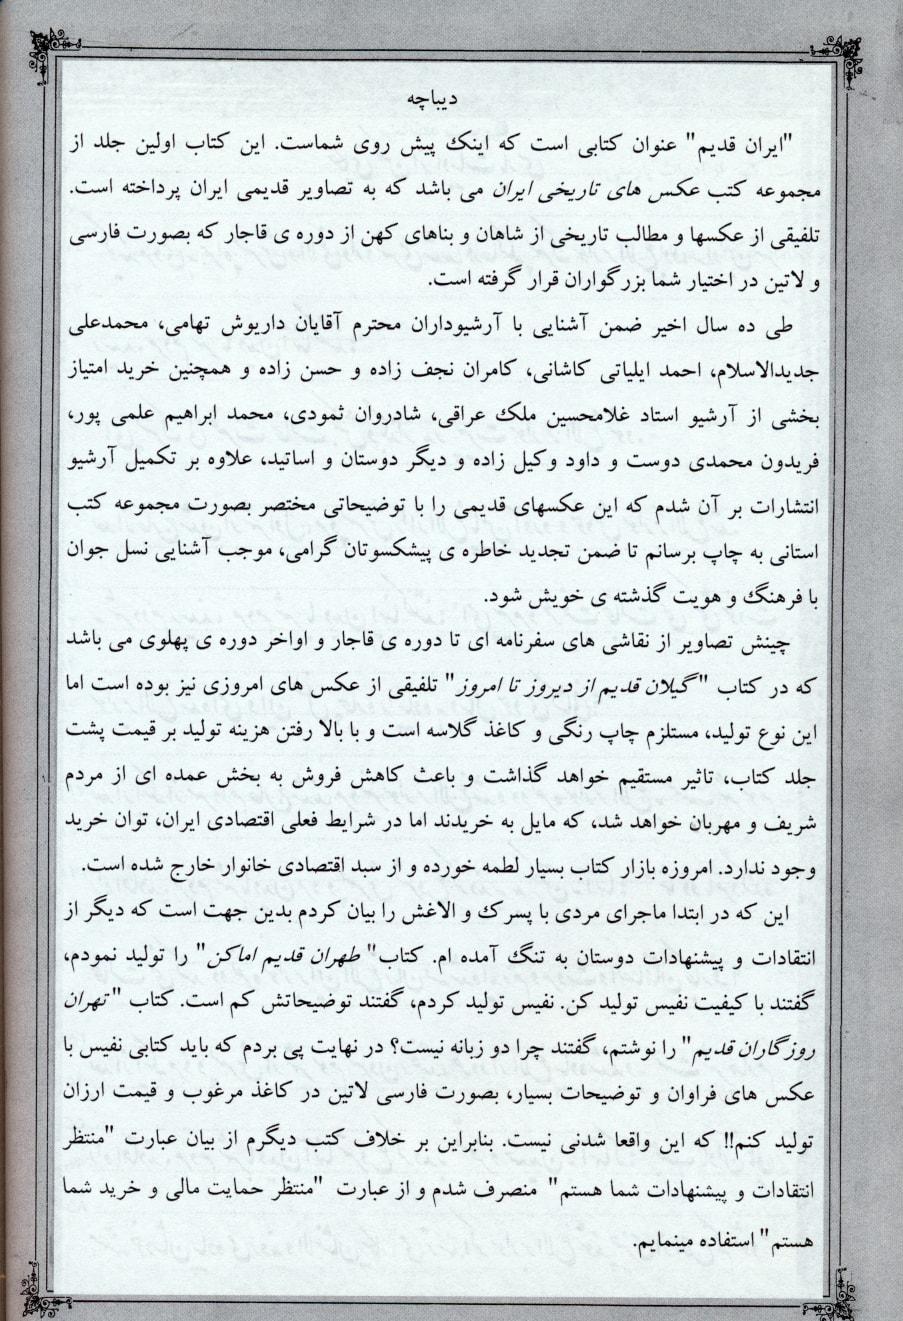 مجموعه عکس های تاریخی ایران (چهار هزار تصویر)،(2زبانه،13جلدی،باقاب)